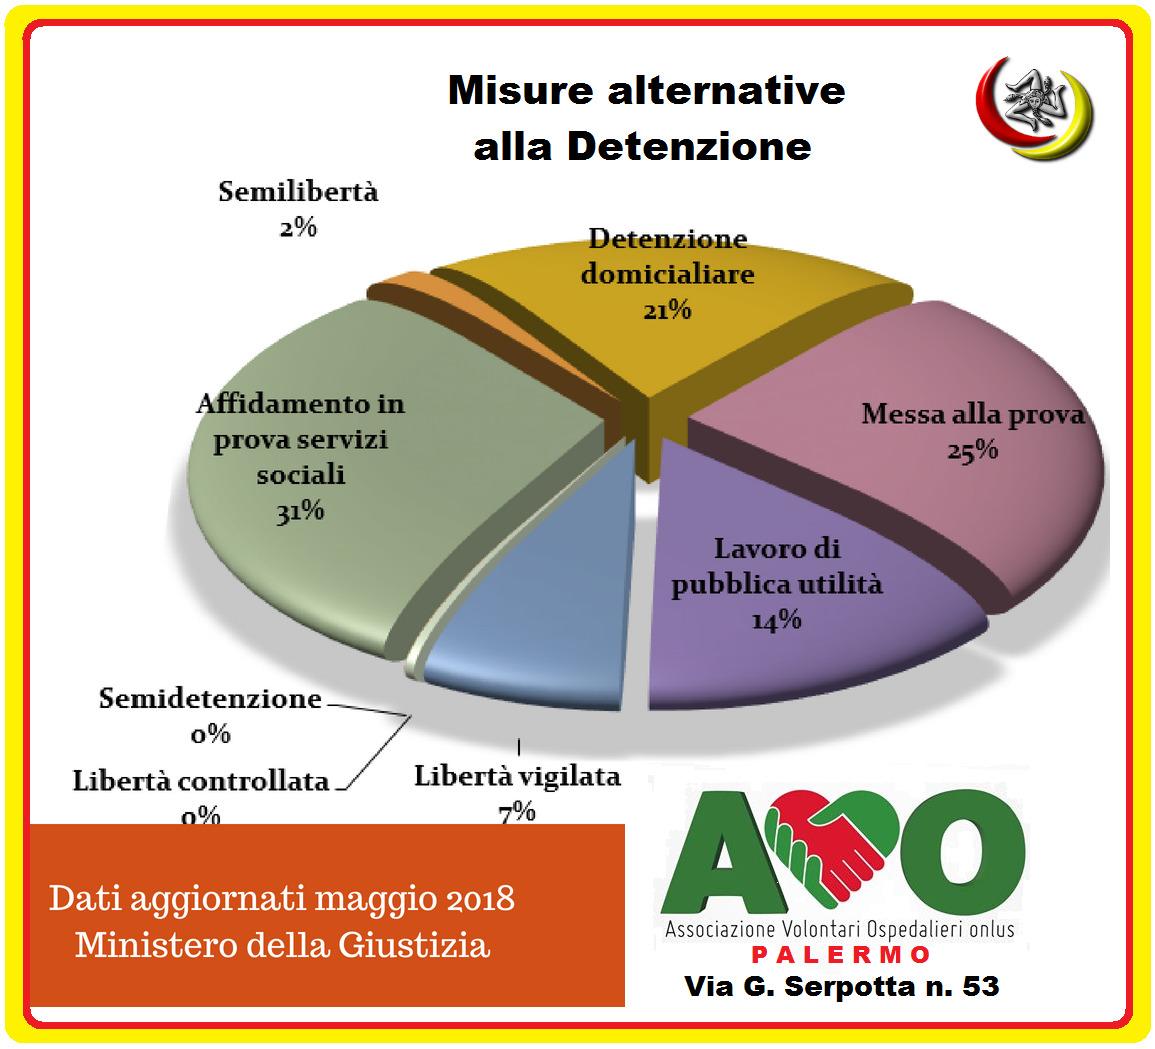 AVO Palermo e Tribunale di Palermo cresce l'idea alternativa della pena attraverso un percorso riabilitativo di lavori di pubblica utilità